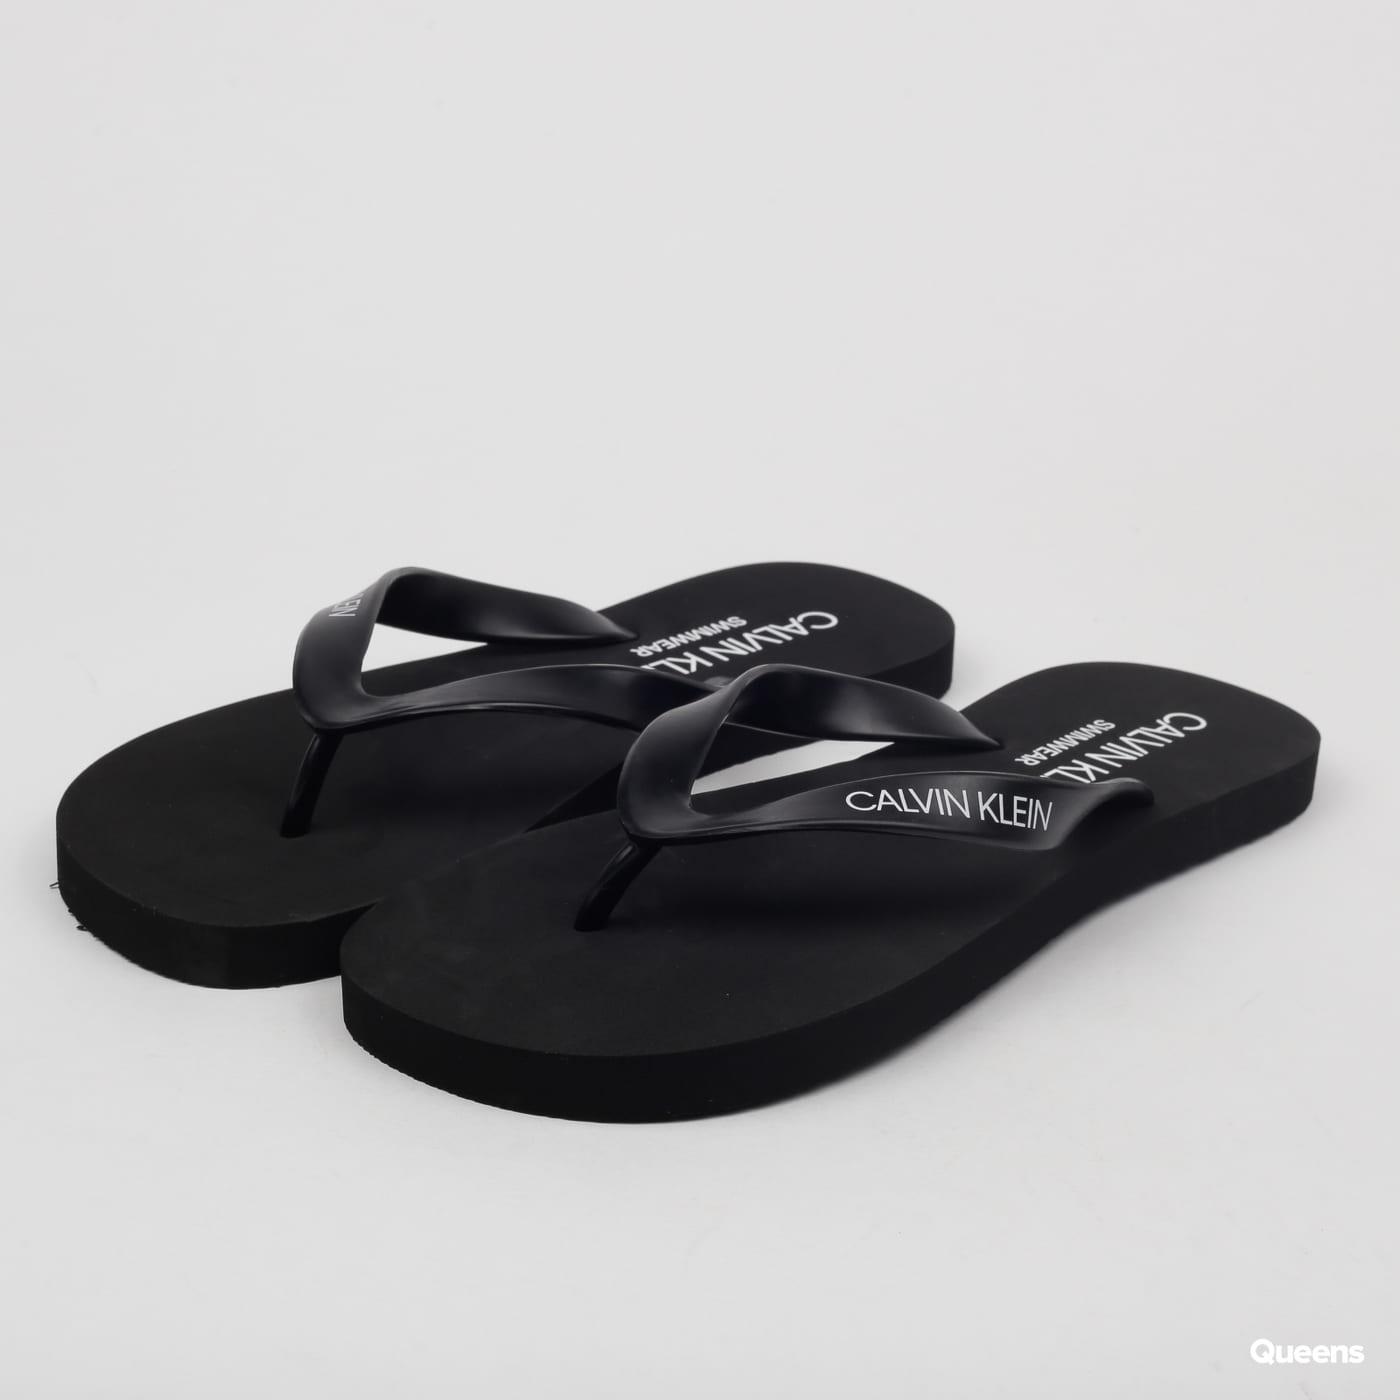 0d4c9e2ba955 Calvin Klein Flip - Flops Sandals (KM0KM00341-001)– Queens 💚